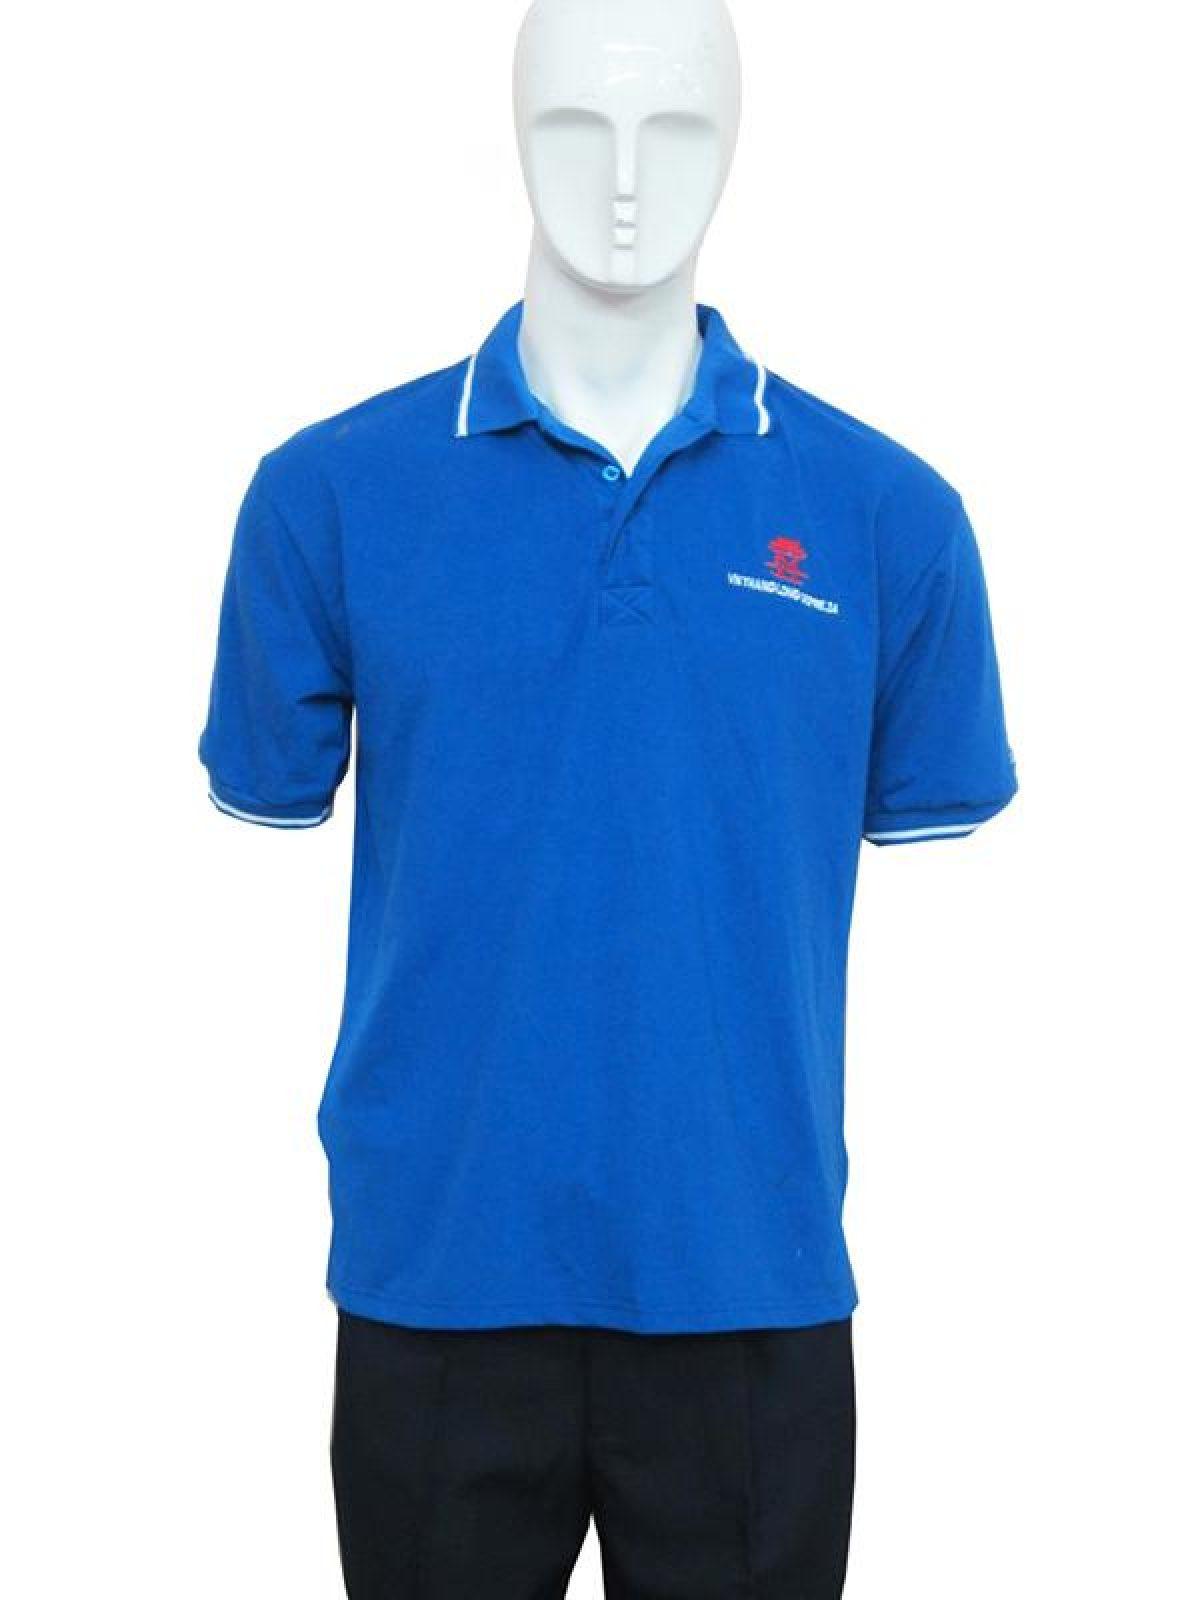 Mẫu đồng phục áo thun công ty